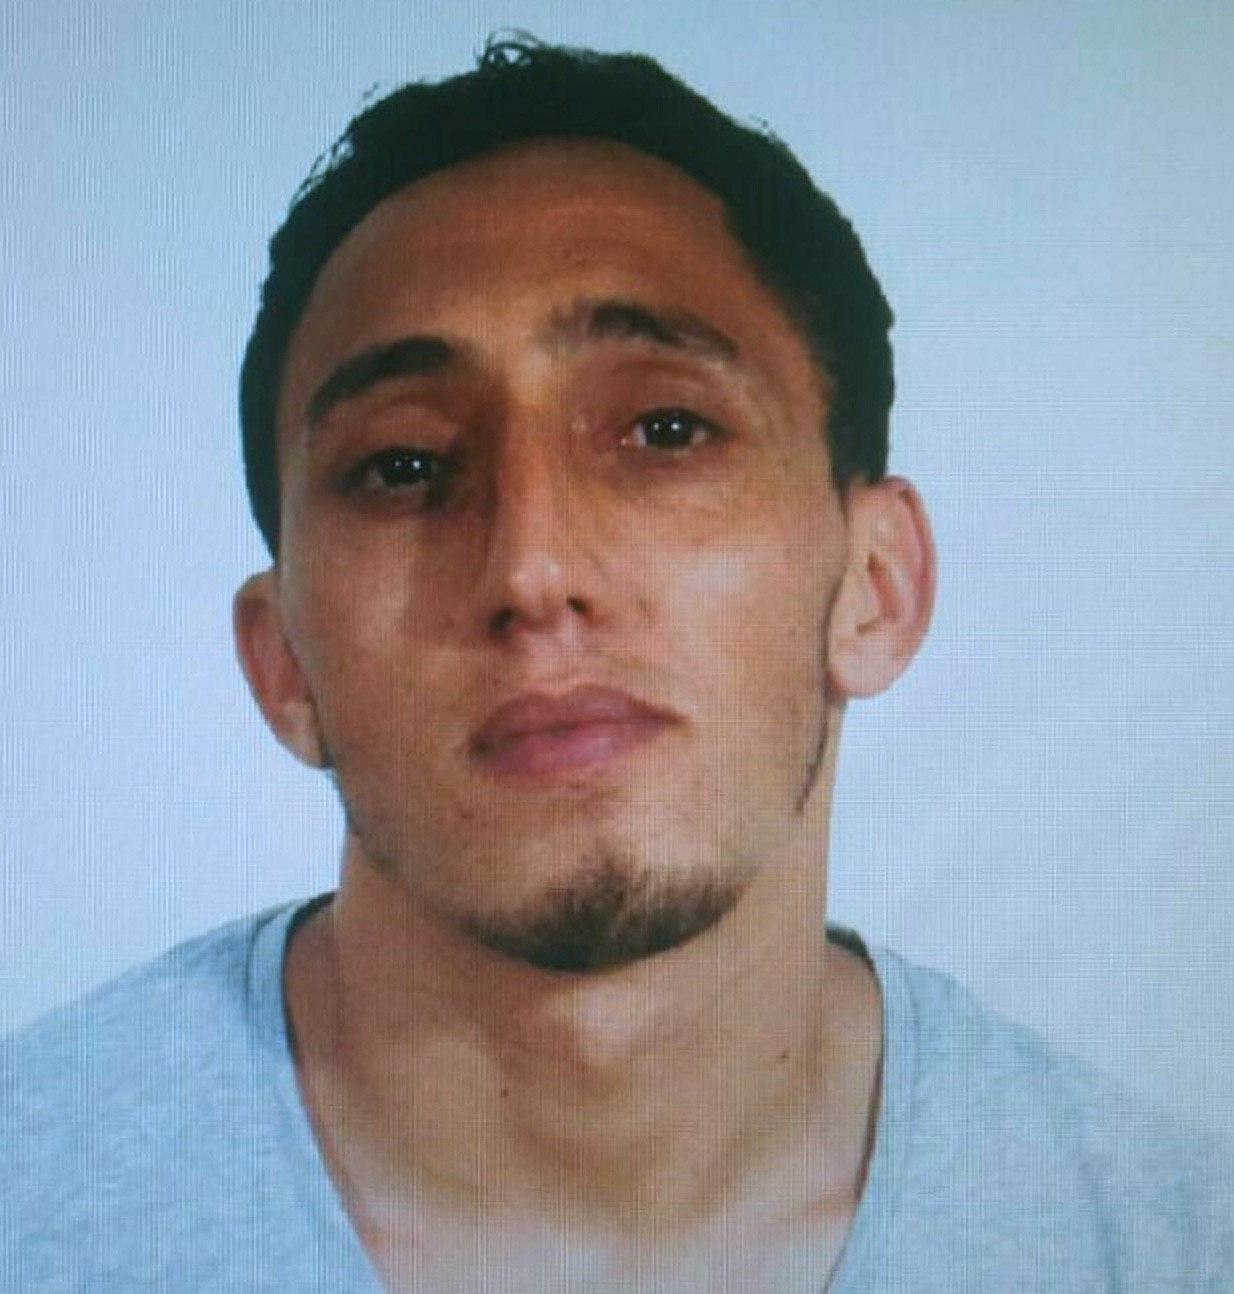 Driss Oukabir, marsellés de ascendencia magrebí y naturalizado español, que reside en Ripoll y que alquiló la furgoneta con la que se llevó a cabo el atropello terrorista.